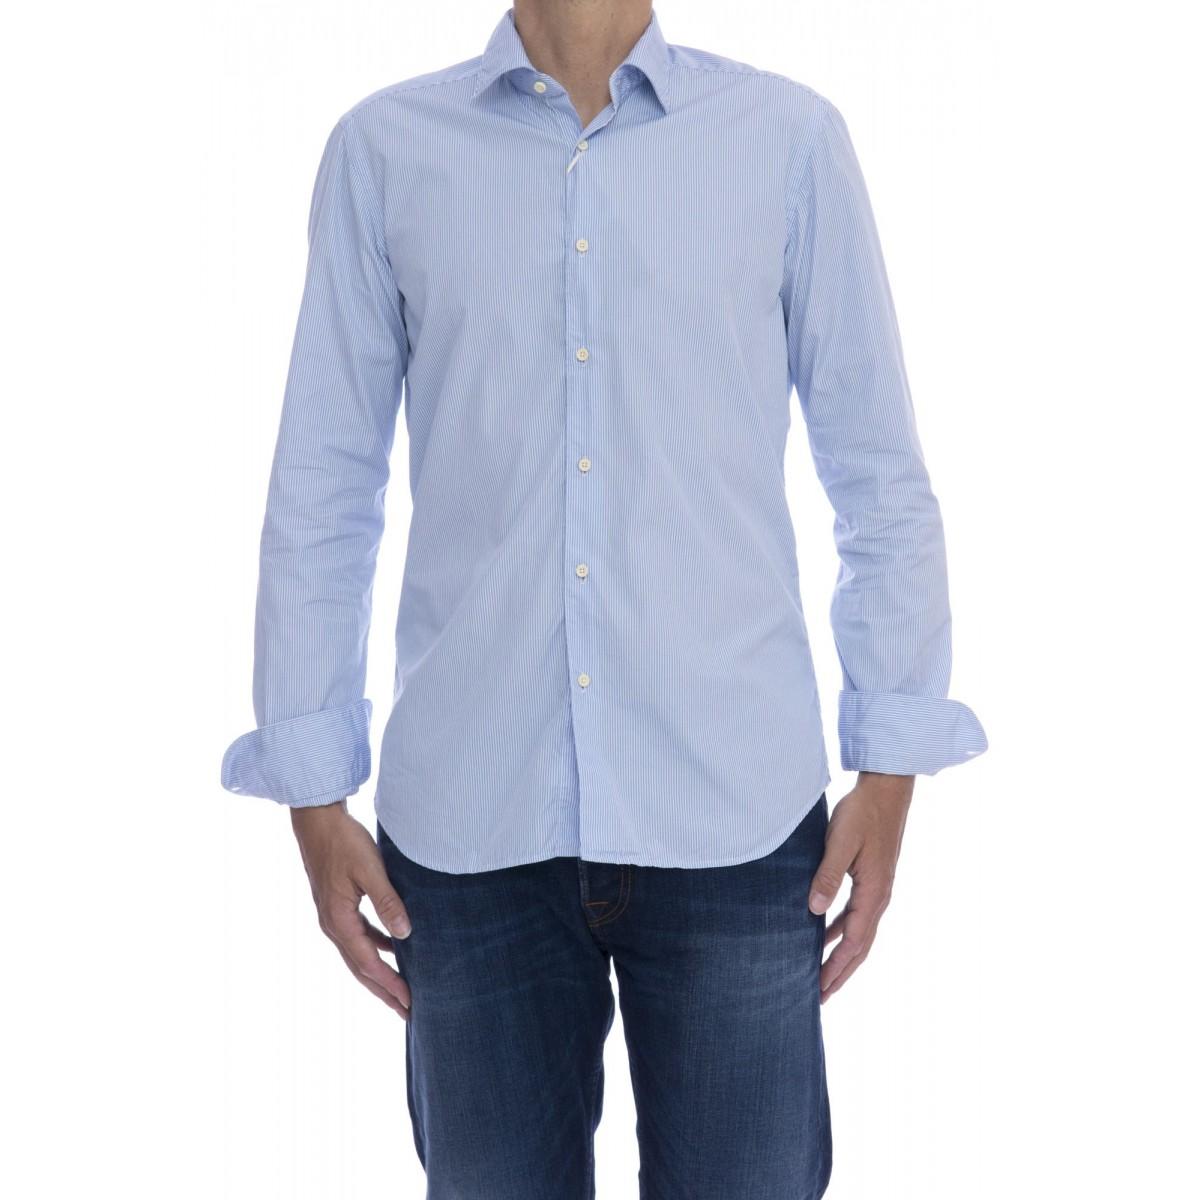 Camicia uomo Xacus - 719 11232 camicia taylor lavata